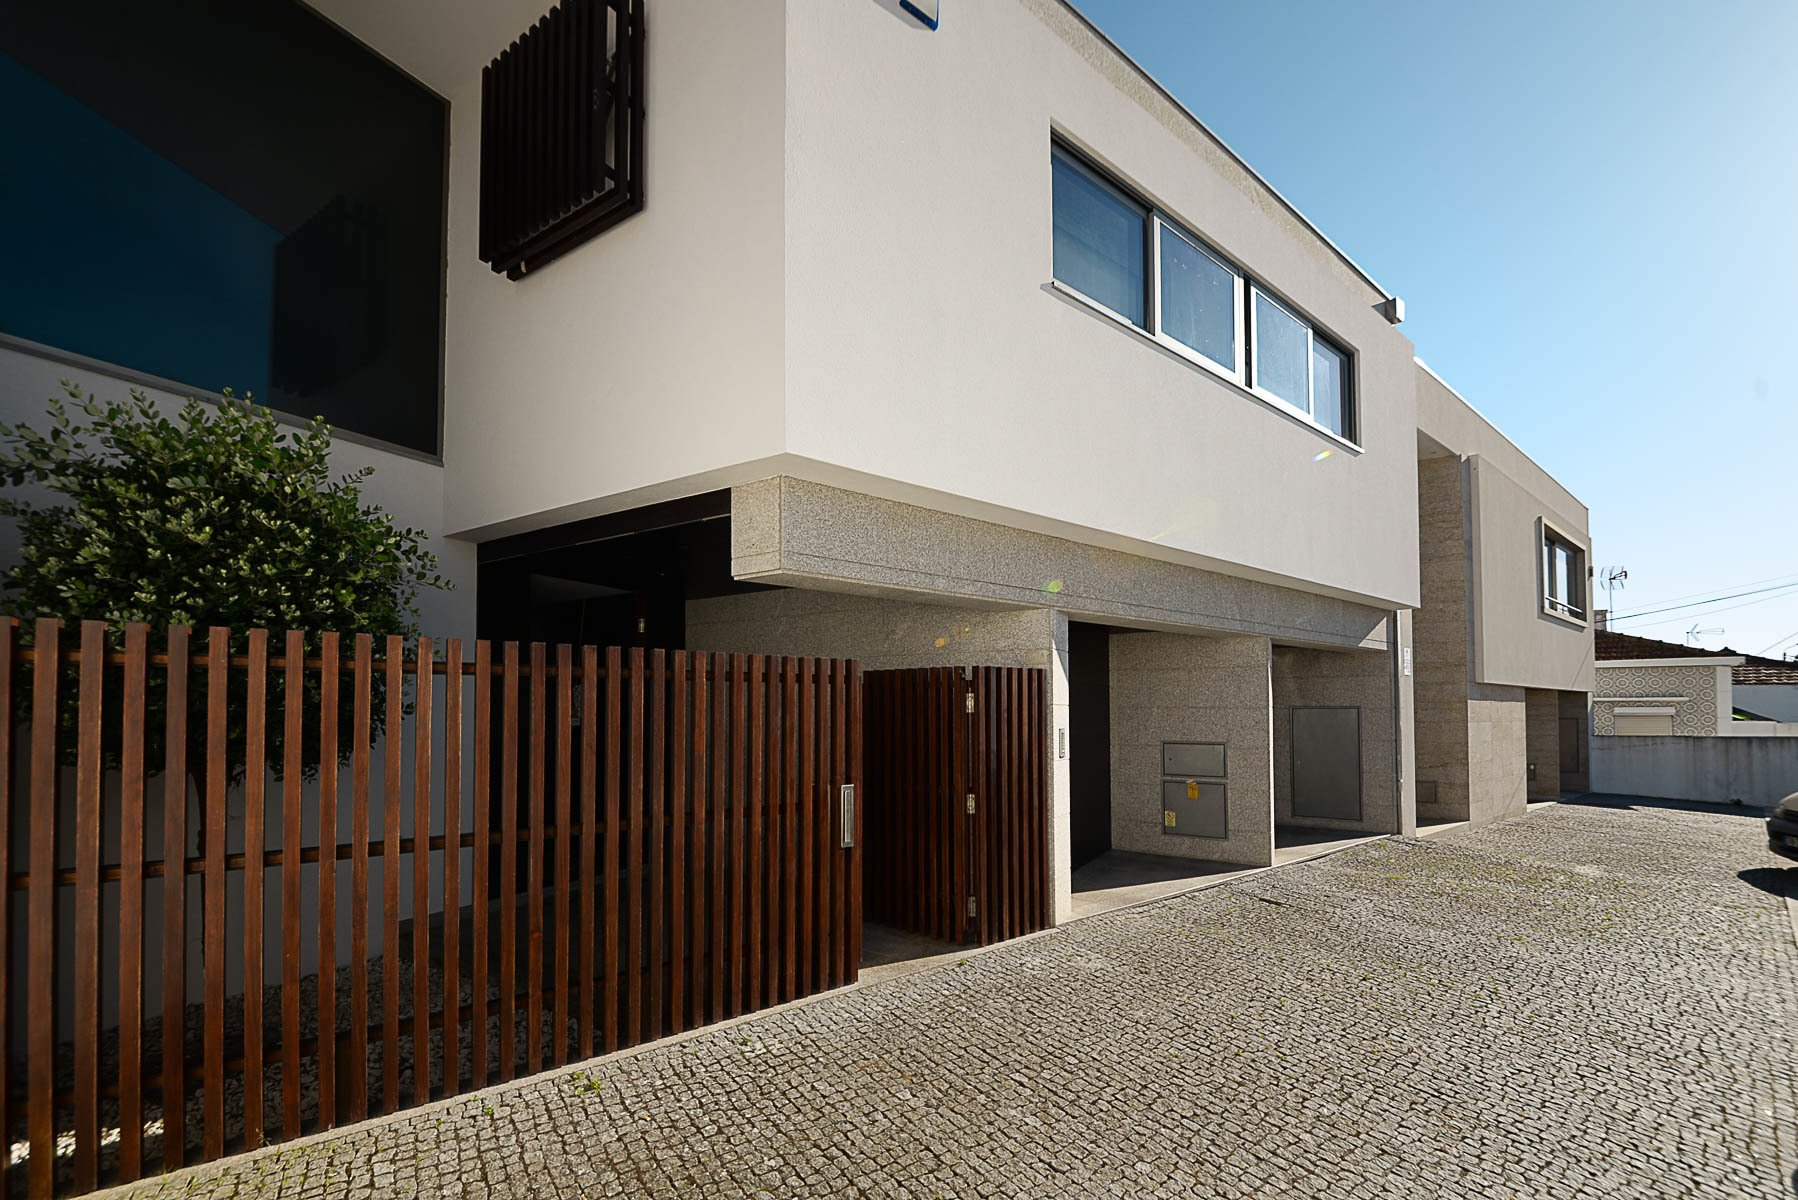 3 Bedroom House Porto, Porto Ref: AVP71